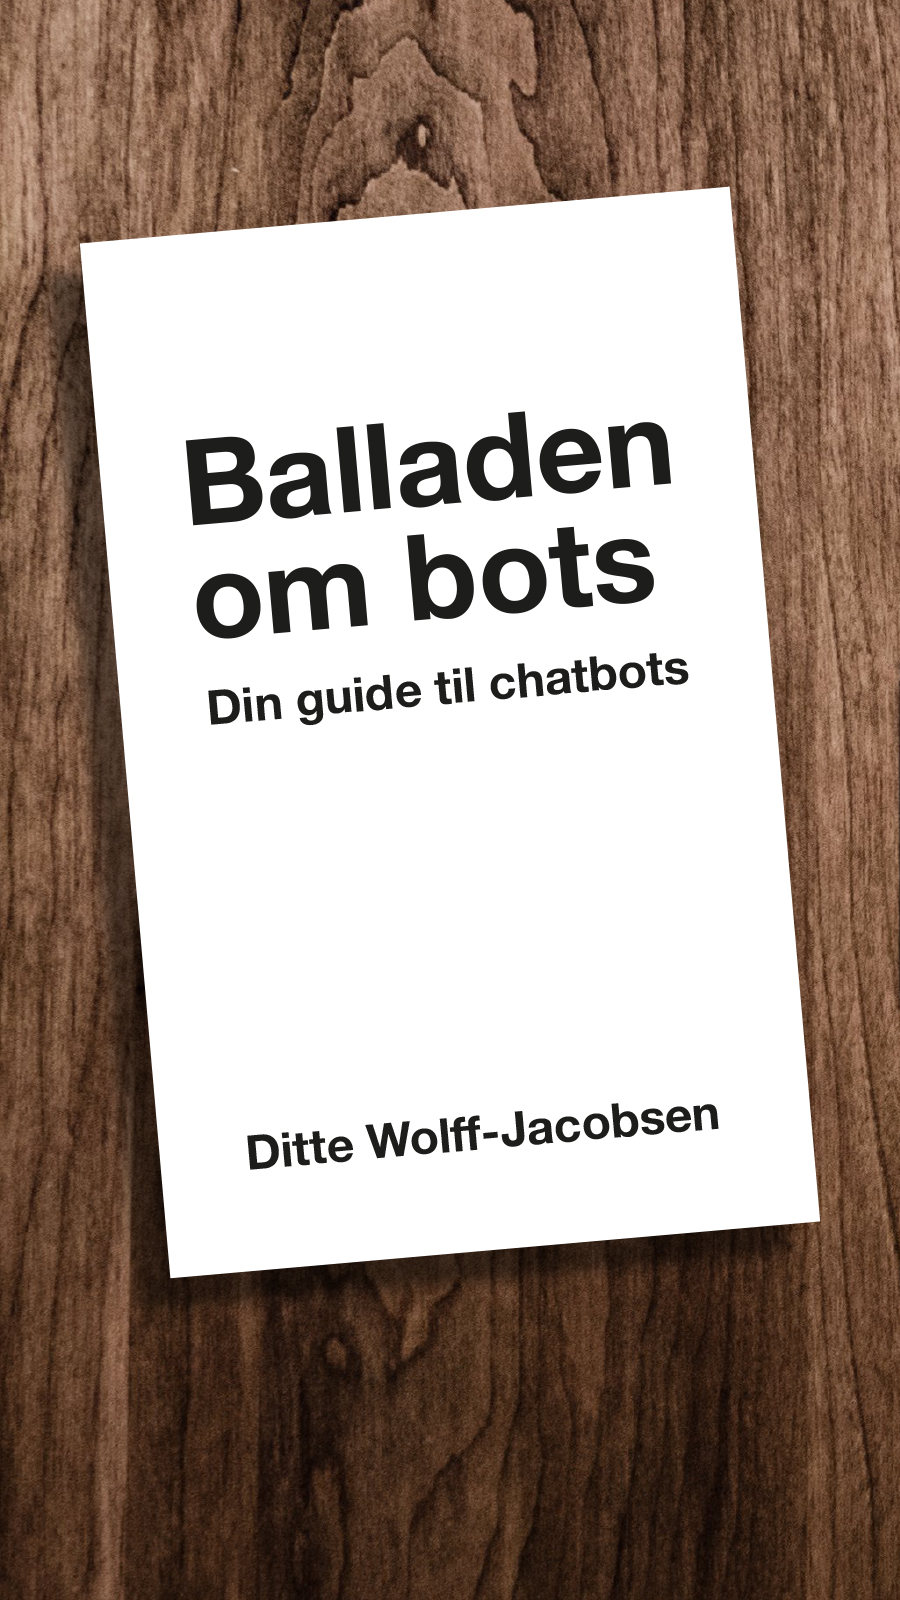 Bannere_Balladen-om-bots_900x1600_1.jpg